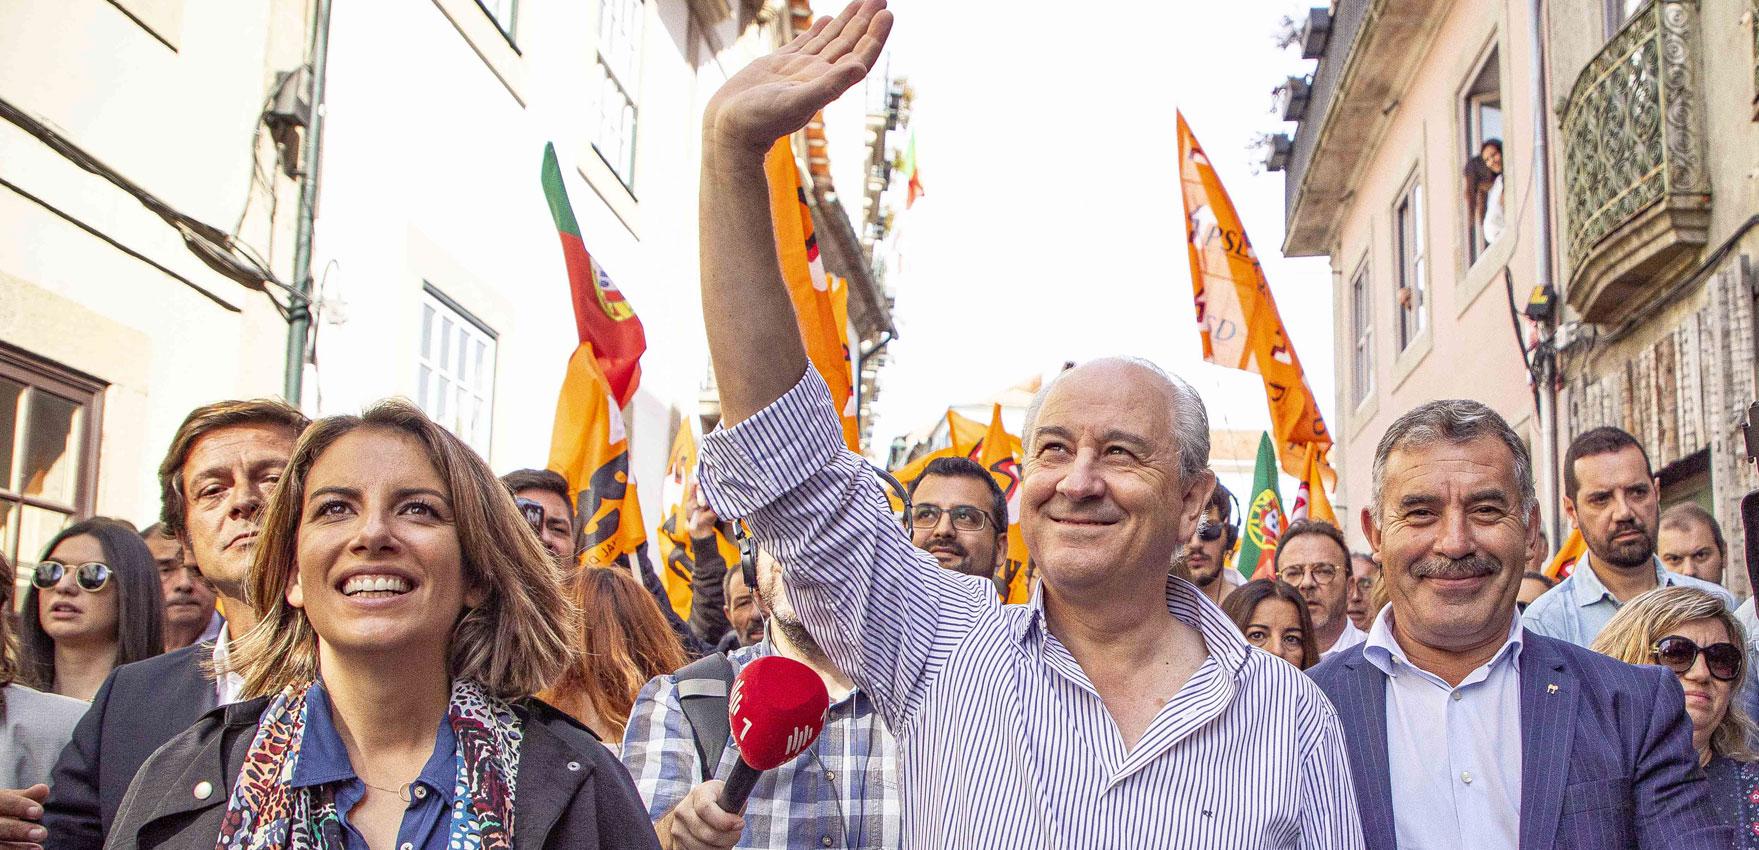 Paseo electoral de Rui Rio (PSD) en Aveiro